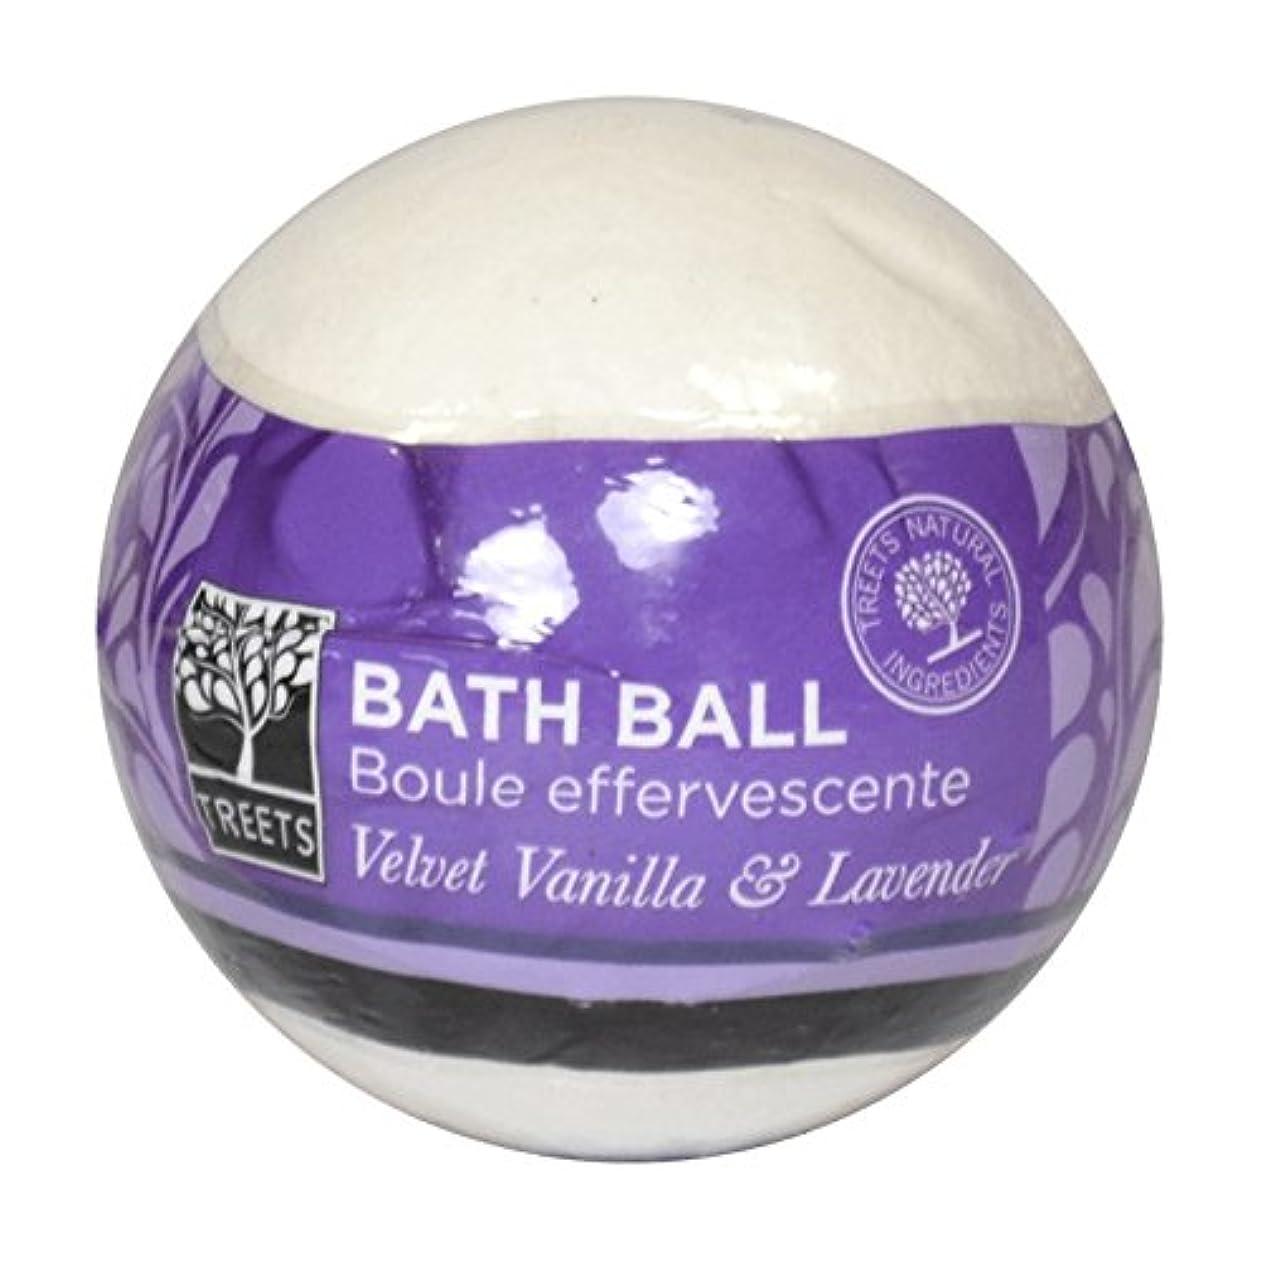 塩中断イーウェルTreetsベルベットのバニラ&ラベンダーバスボール - Treets Velvet Vanilla & Lavender Bath Ball (Treets) [並行輸入品]